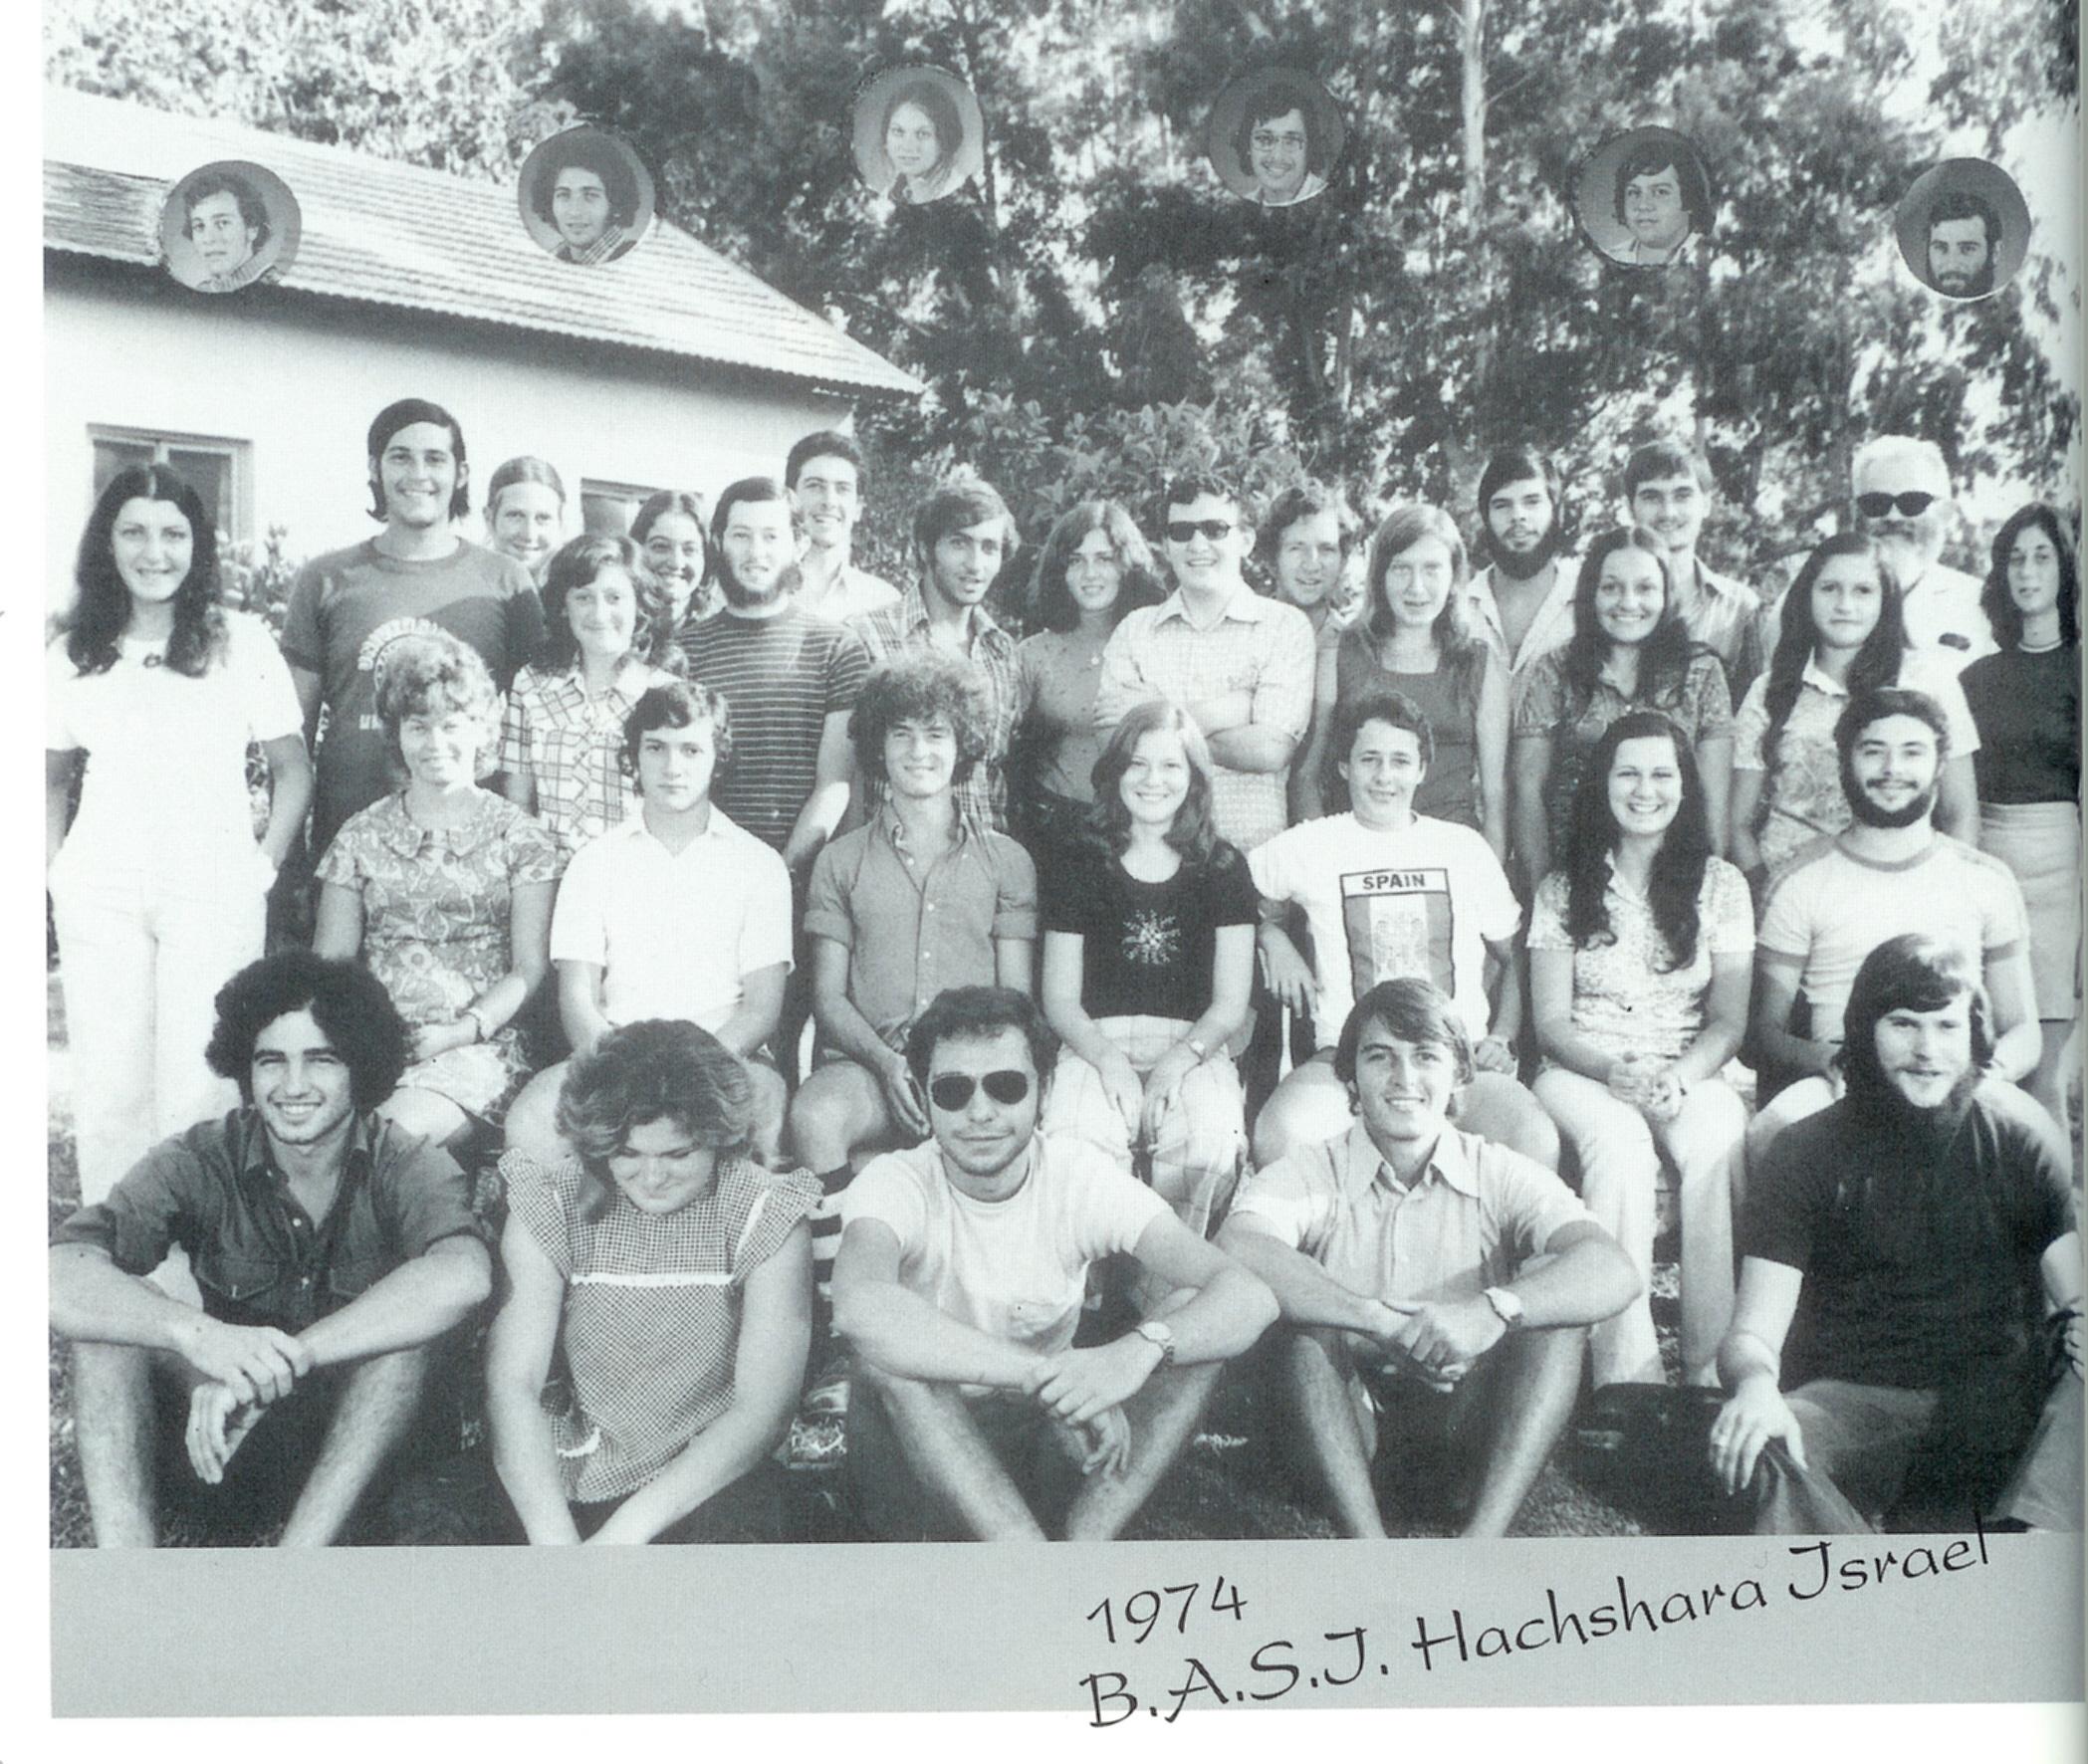 BA Hachsharah Israel 1974